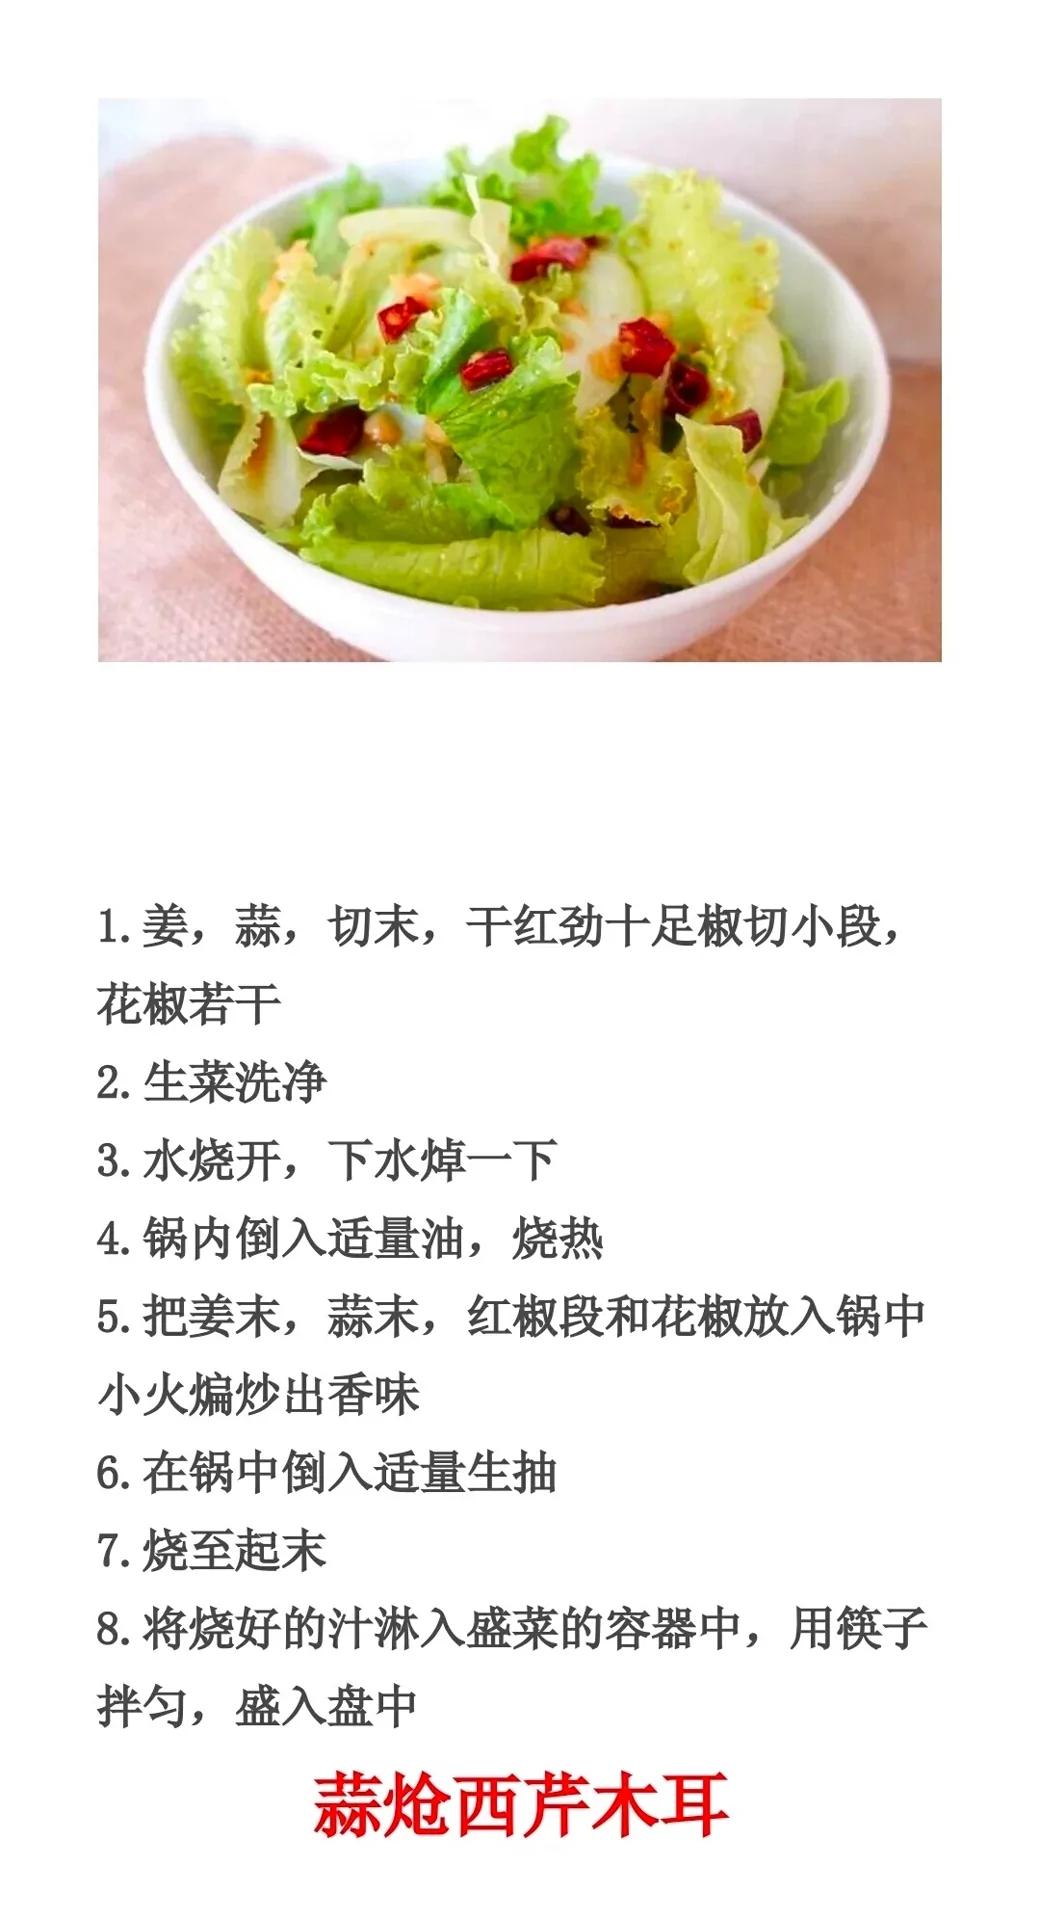 凉拌菜做法及配料 美食做法 第9张